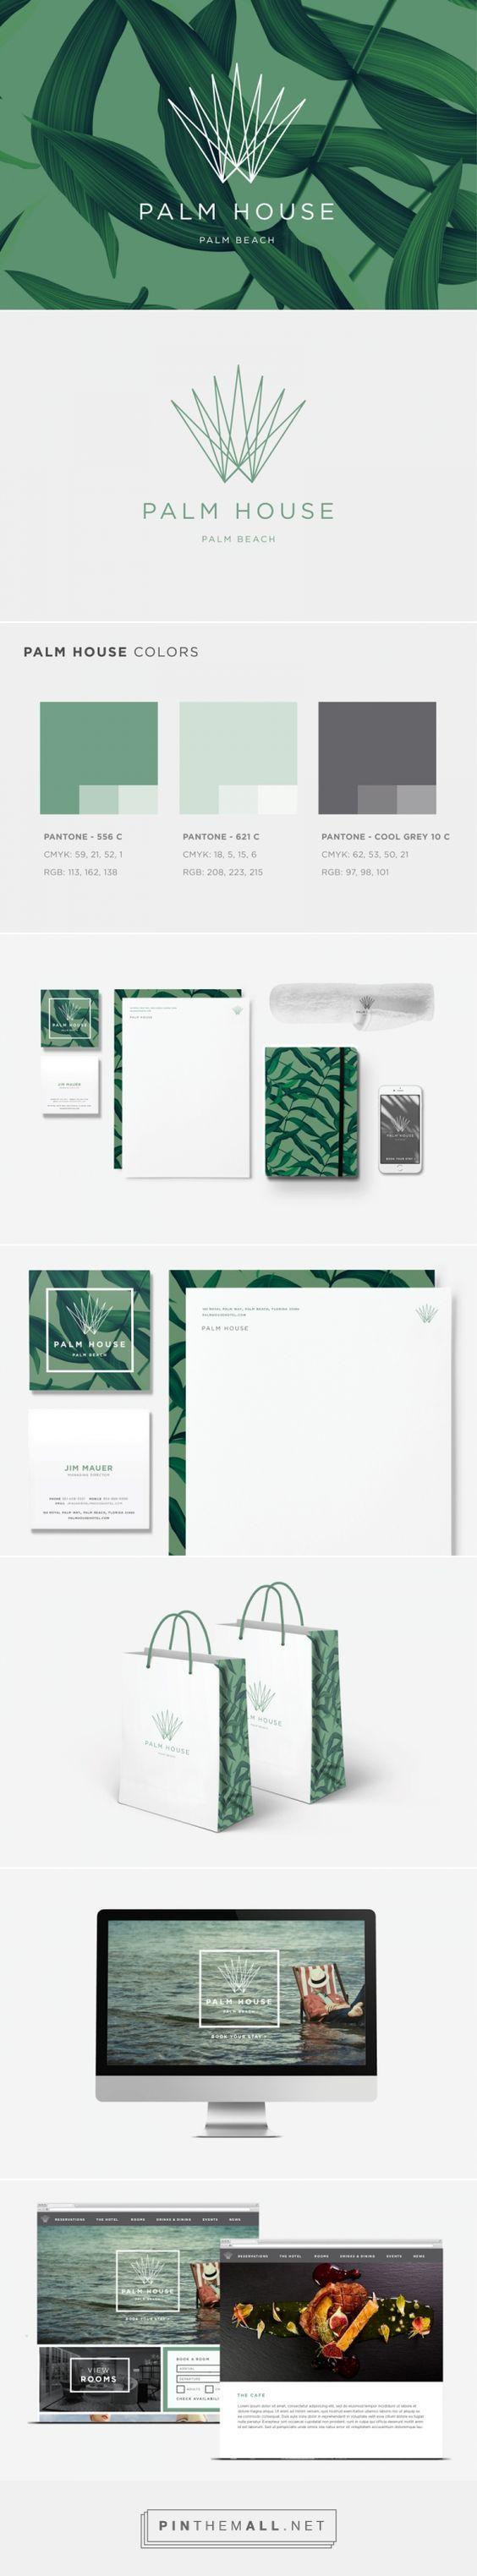 Palm House Restaurant Branding on Behance | Fivestar Branding – Design and Branding Agency & Inspiration Gallery